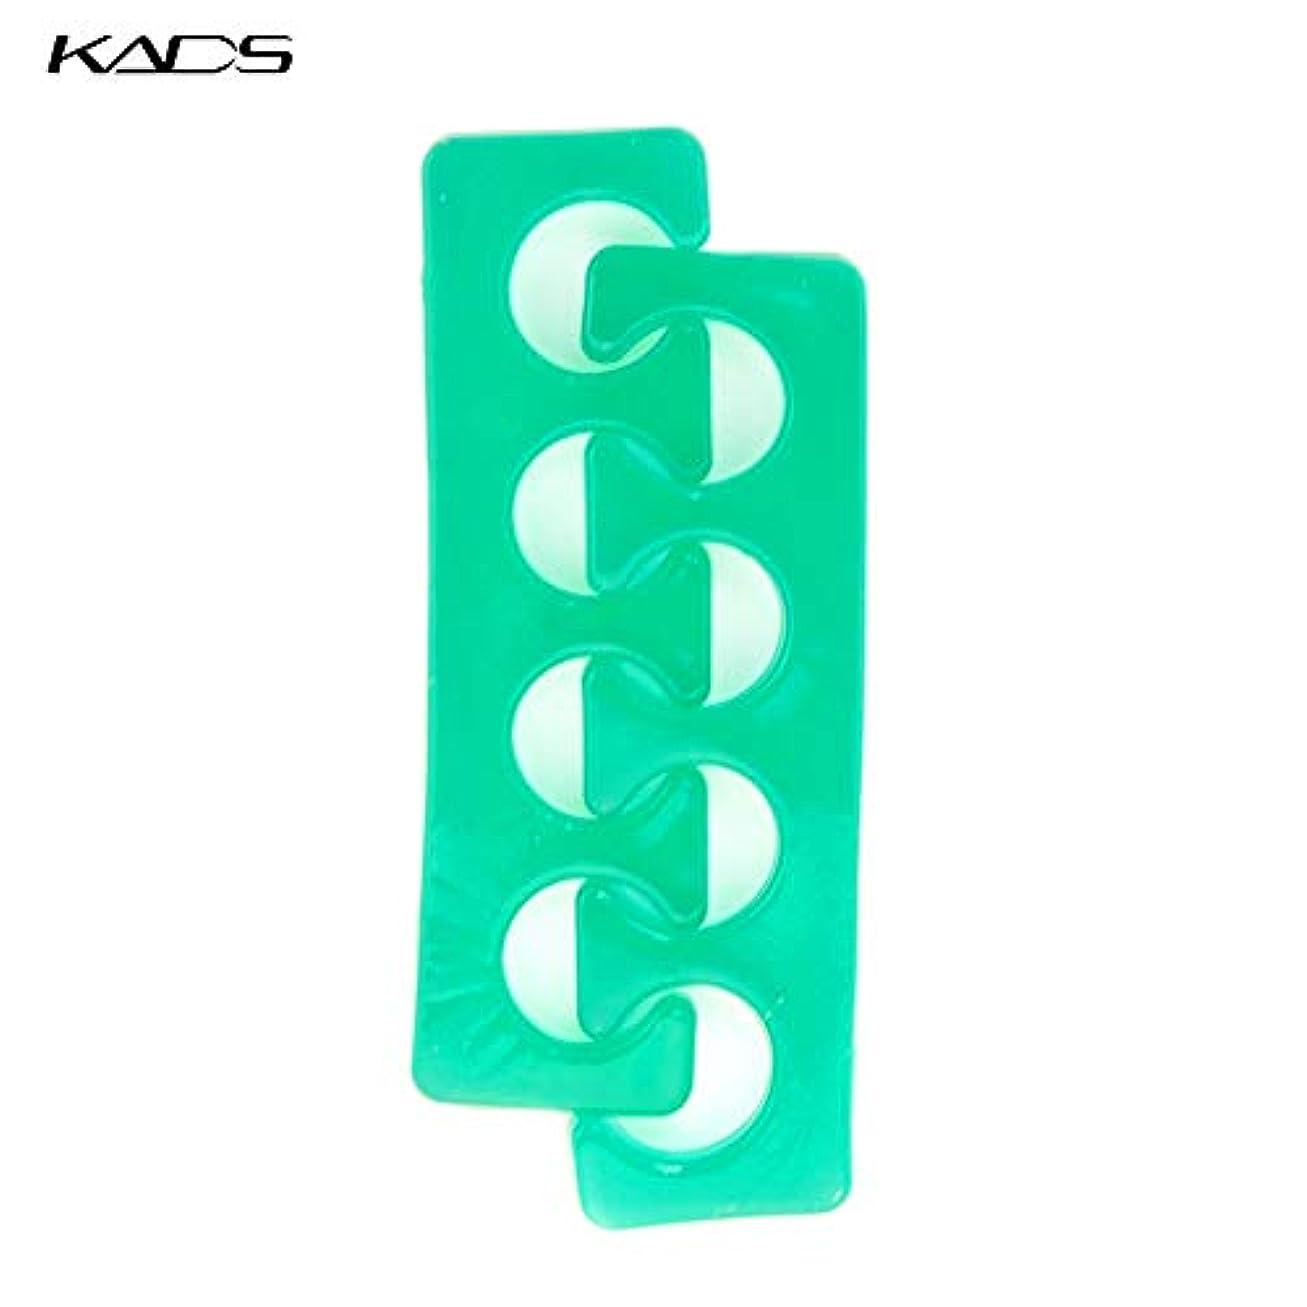 東ティモールアミューズラックKADS 柔らかいシリコン製 足指セパレーター 2個入り ネイルセパレーター 指間広げる ネイルアート用 (グリーン)